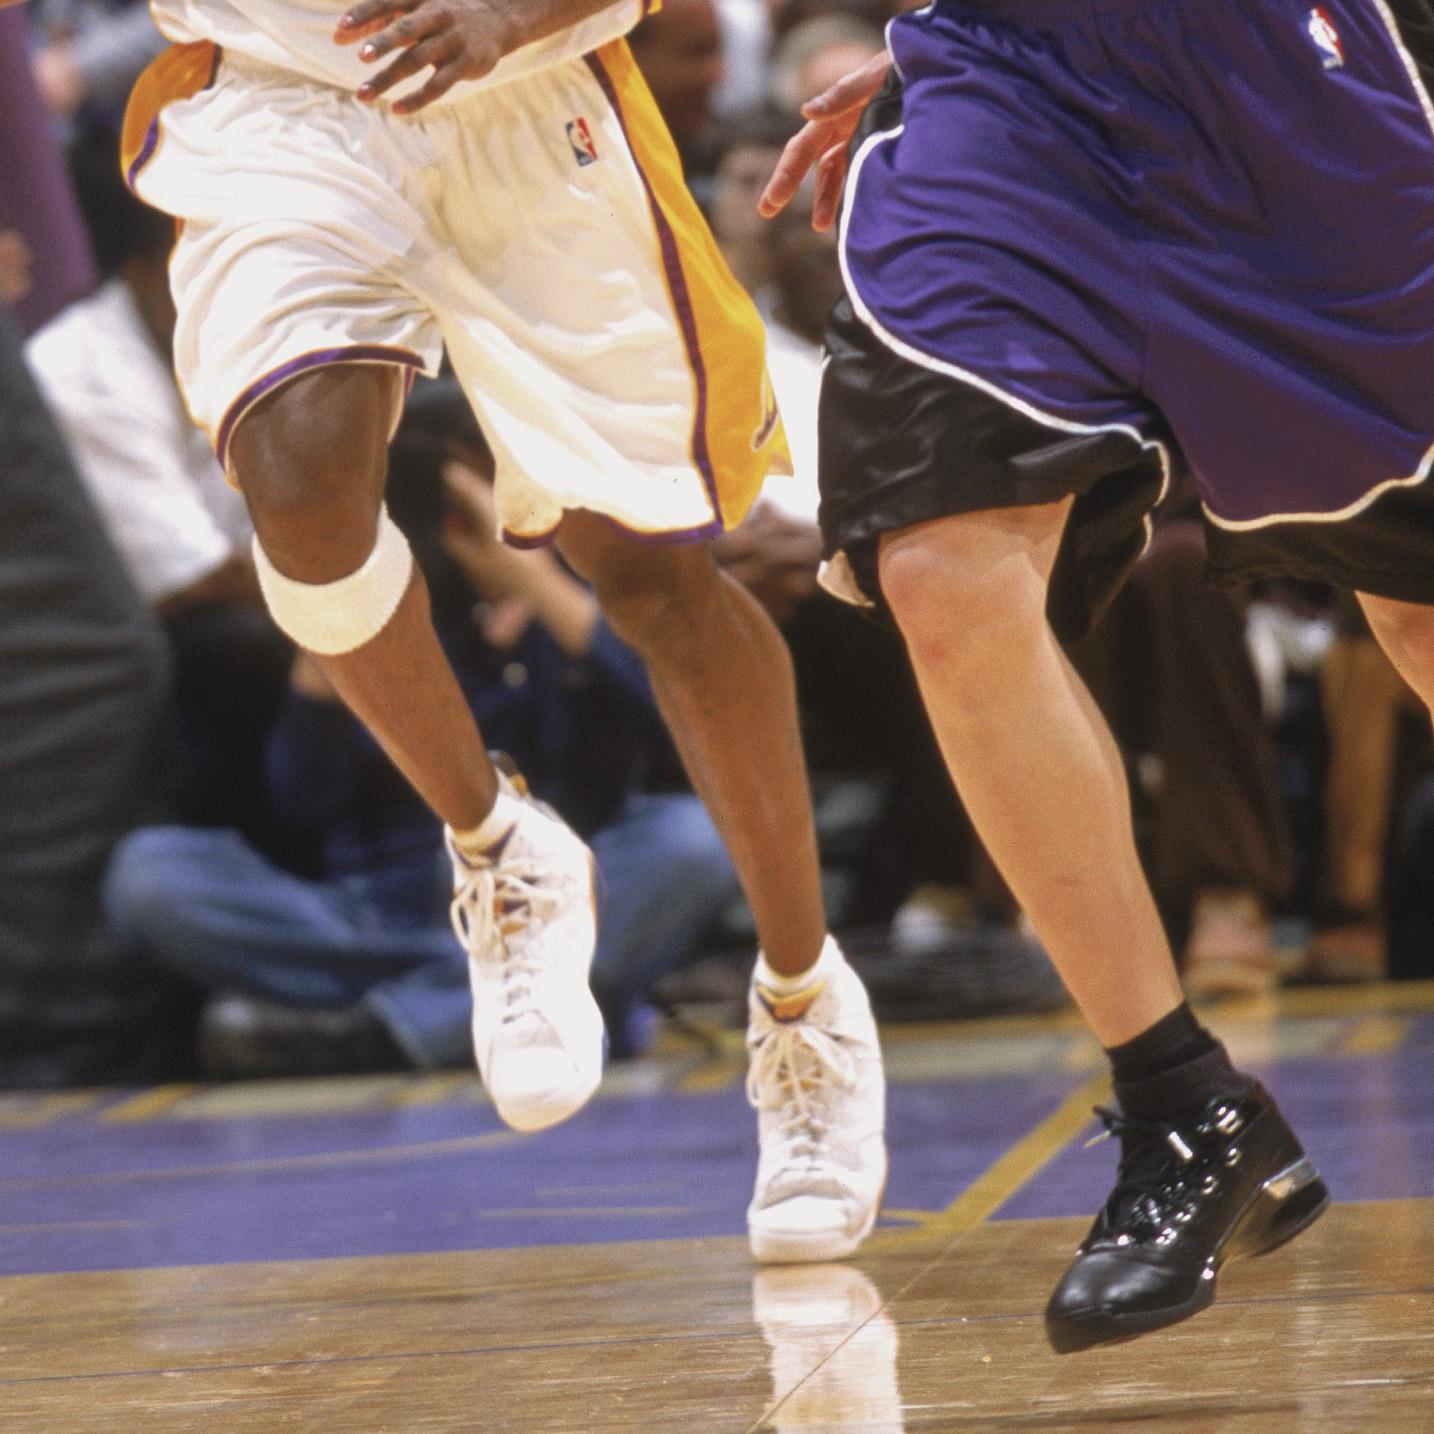 217d0e9e0 2002 Kobe Bryant in Air Jordan 7 PE Mike Bibby in Air Jordan 17